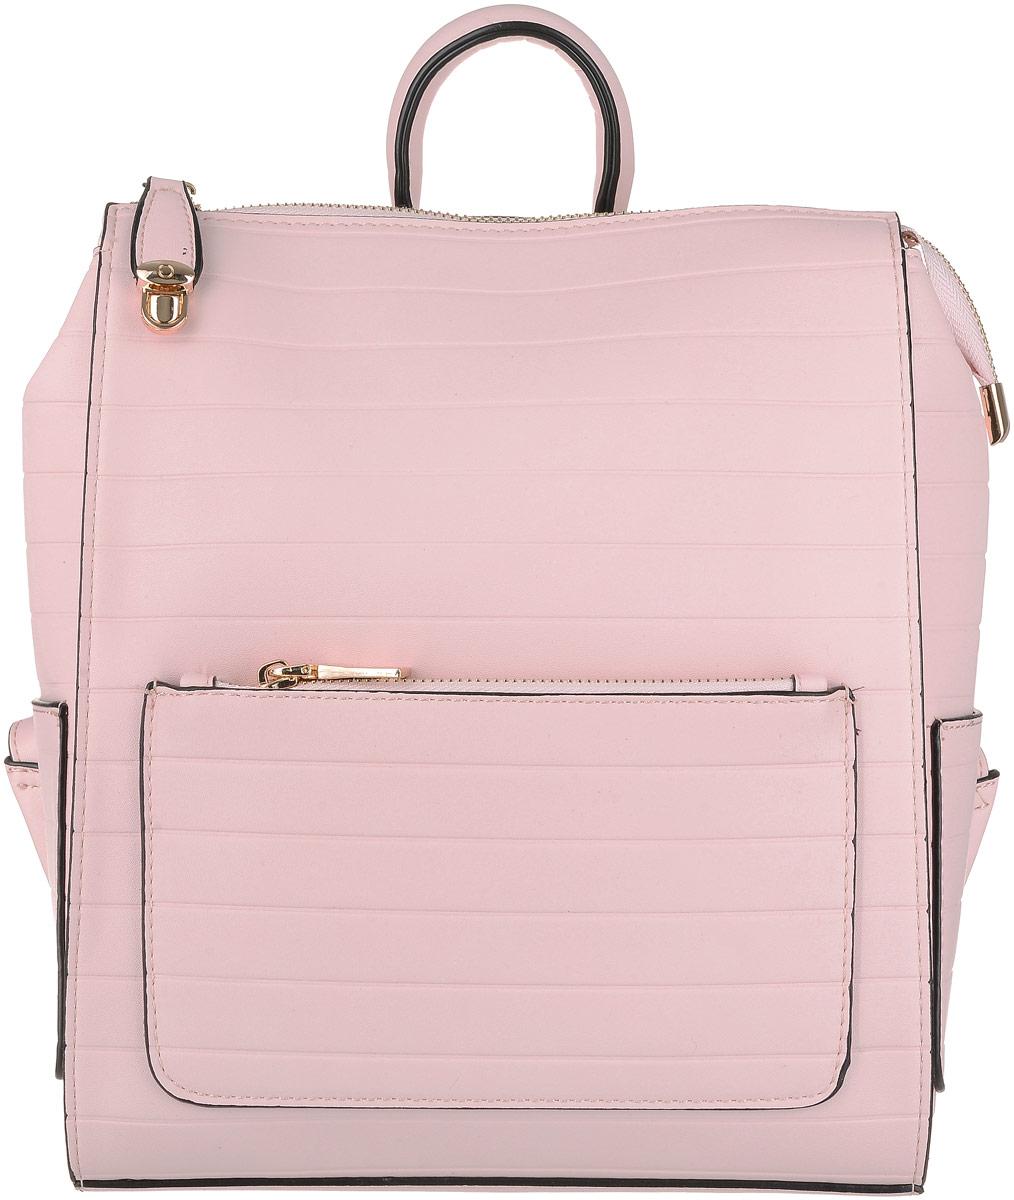 Рюкзак женский OrsOro, цвет: розовый. D-190/81KV996OPY/MВместительный рюкзак с оригинальным тиснением OrsOro исполнен из экокожи. Имеет одно просторное отделение на молнии. В отделении присутствуют два накладных кармашка и один прорезной карман на застежке-молнии. Снаружи имеются передний и задний карманы на застежке-молнии, два накладных плоских кармашка по бокам. Рюкзак оснащен удобной ручкой для переноски и двумя регулируемыми плечевыми ремнями-лямками. Главное отделение внутри стягивается ремешком на карабине.